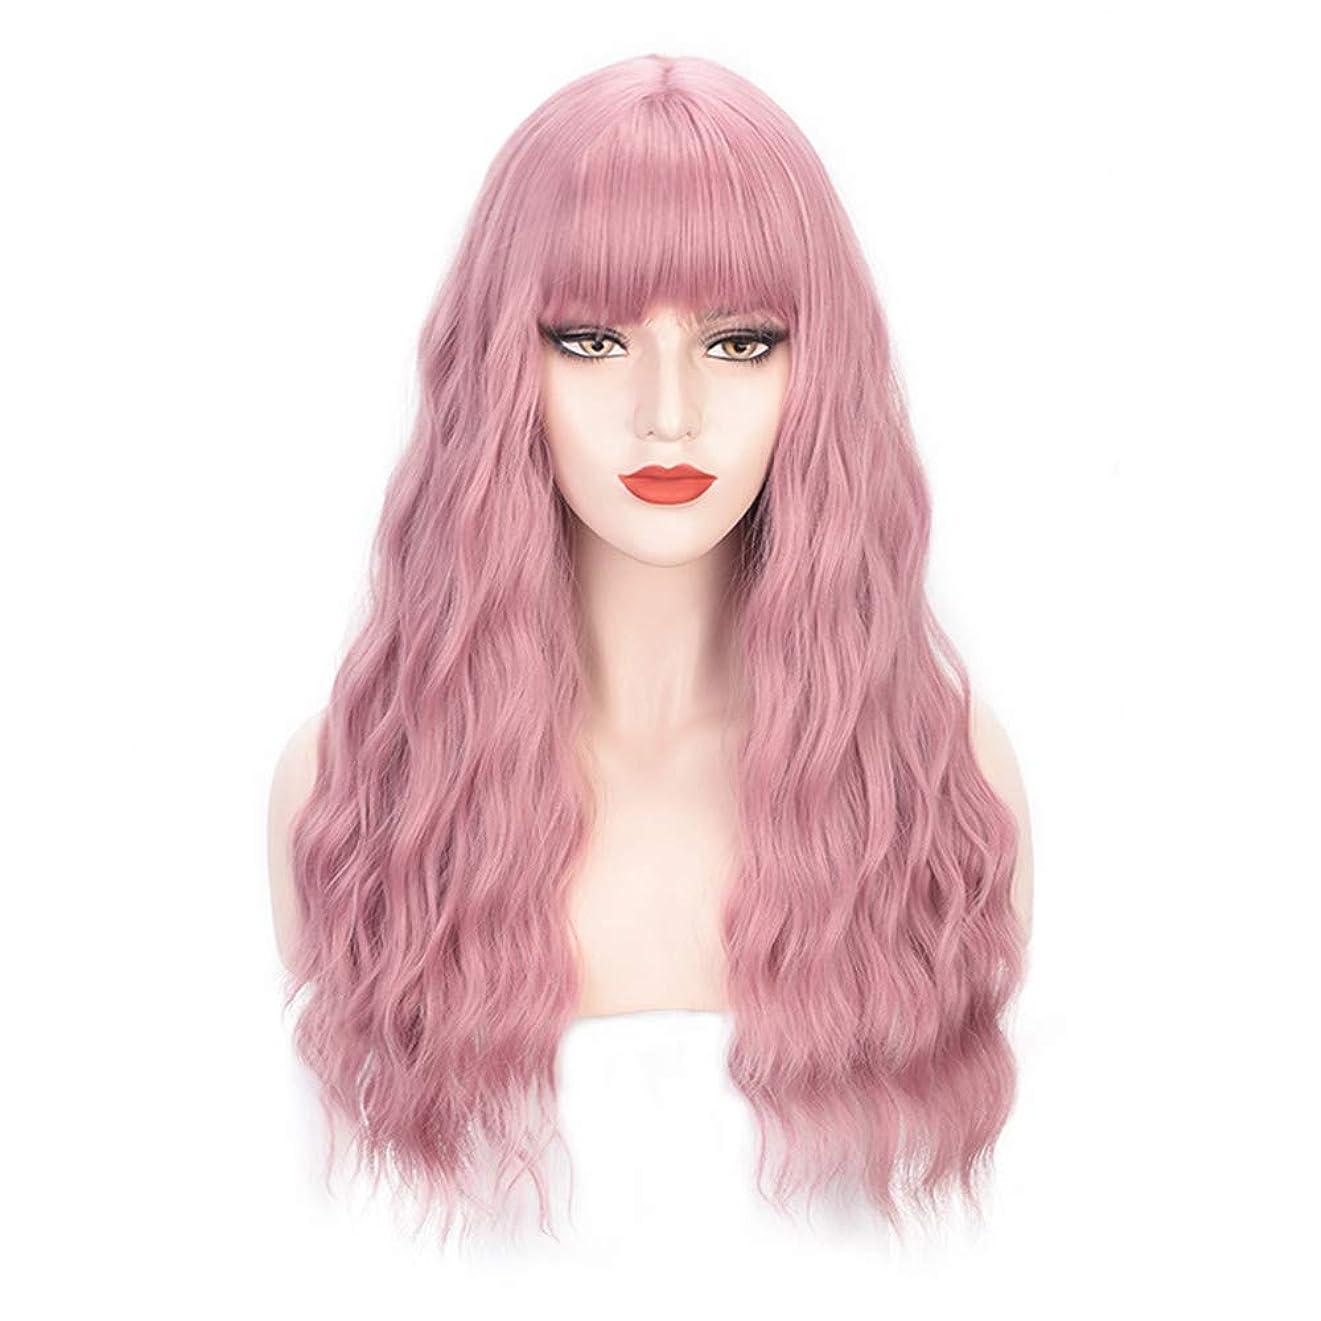 やさしくベル彼らはヘアピースロングカーリー女性女の子魅力的な合成かつら人工シルクヘアウィッグ高温風量ソフトカーリーロングカーリービッグウェーブヘアウィッグコスプレ28インチ